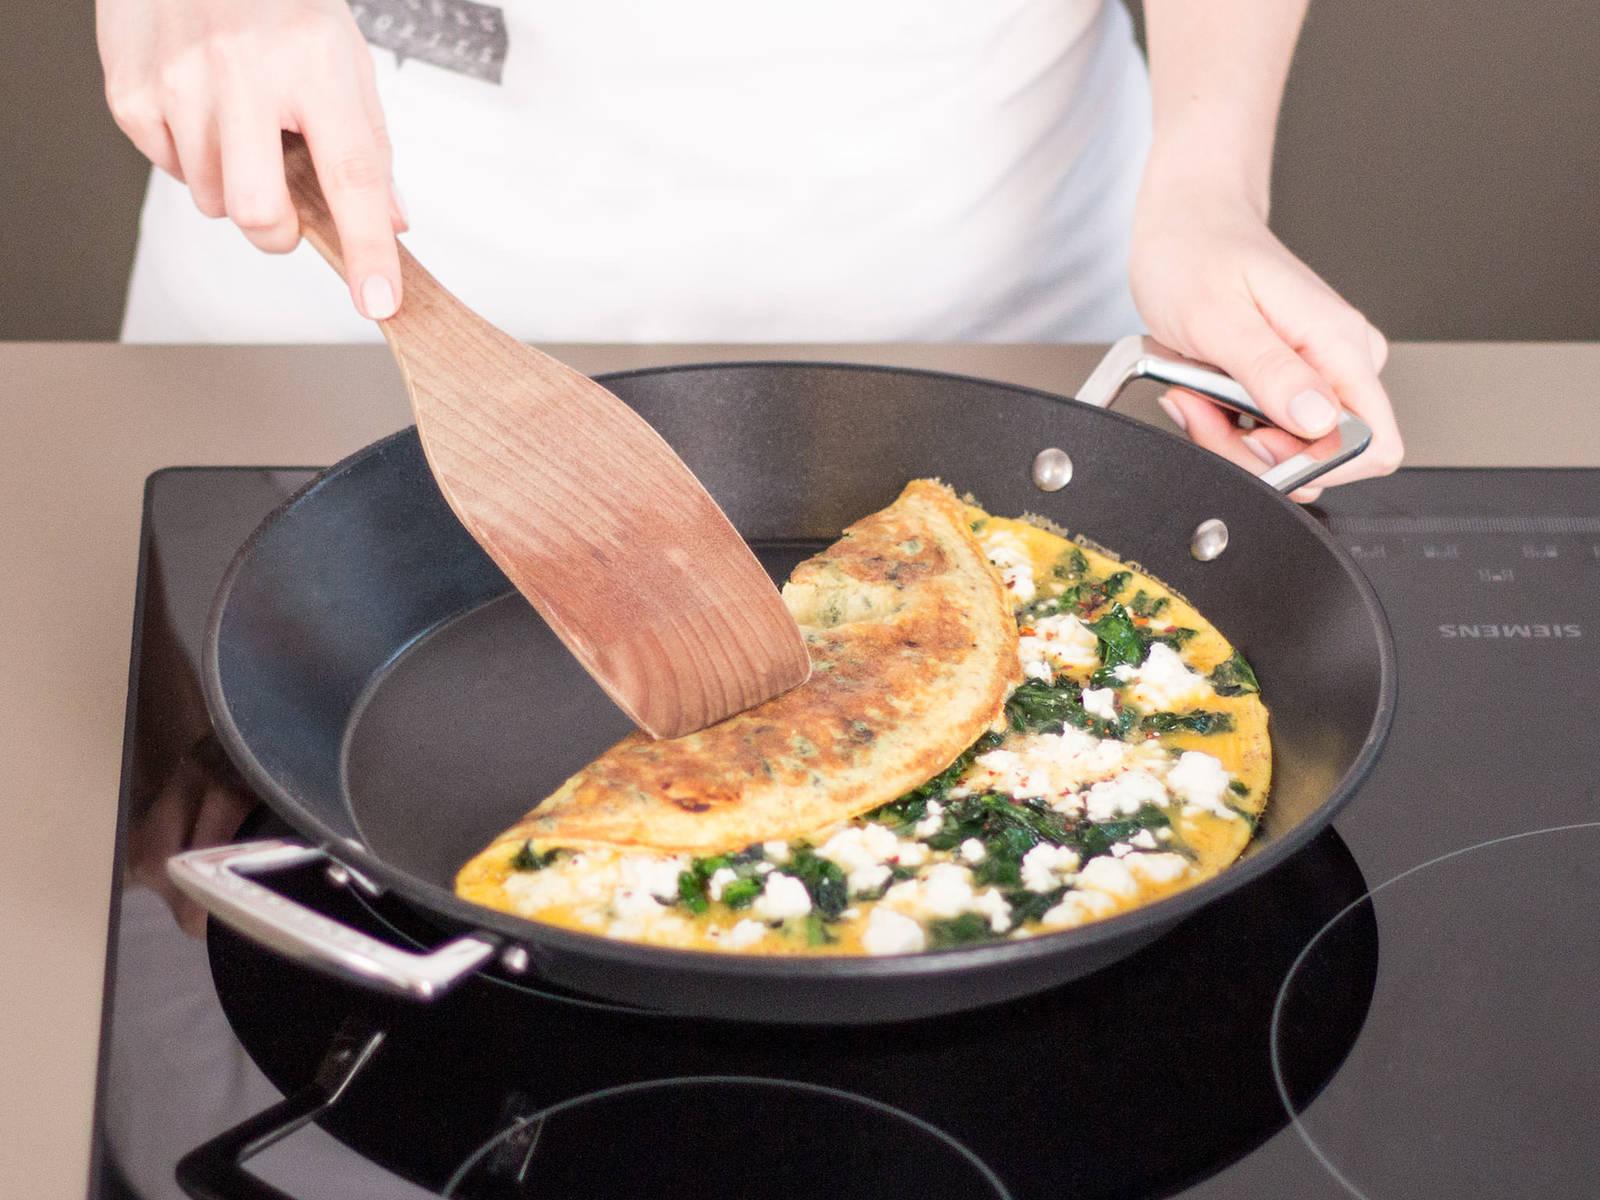 将蛋饼折成喜欢的形状,譬如信封状。然后继续煎熟即可。倒入盘中享用吧!